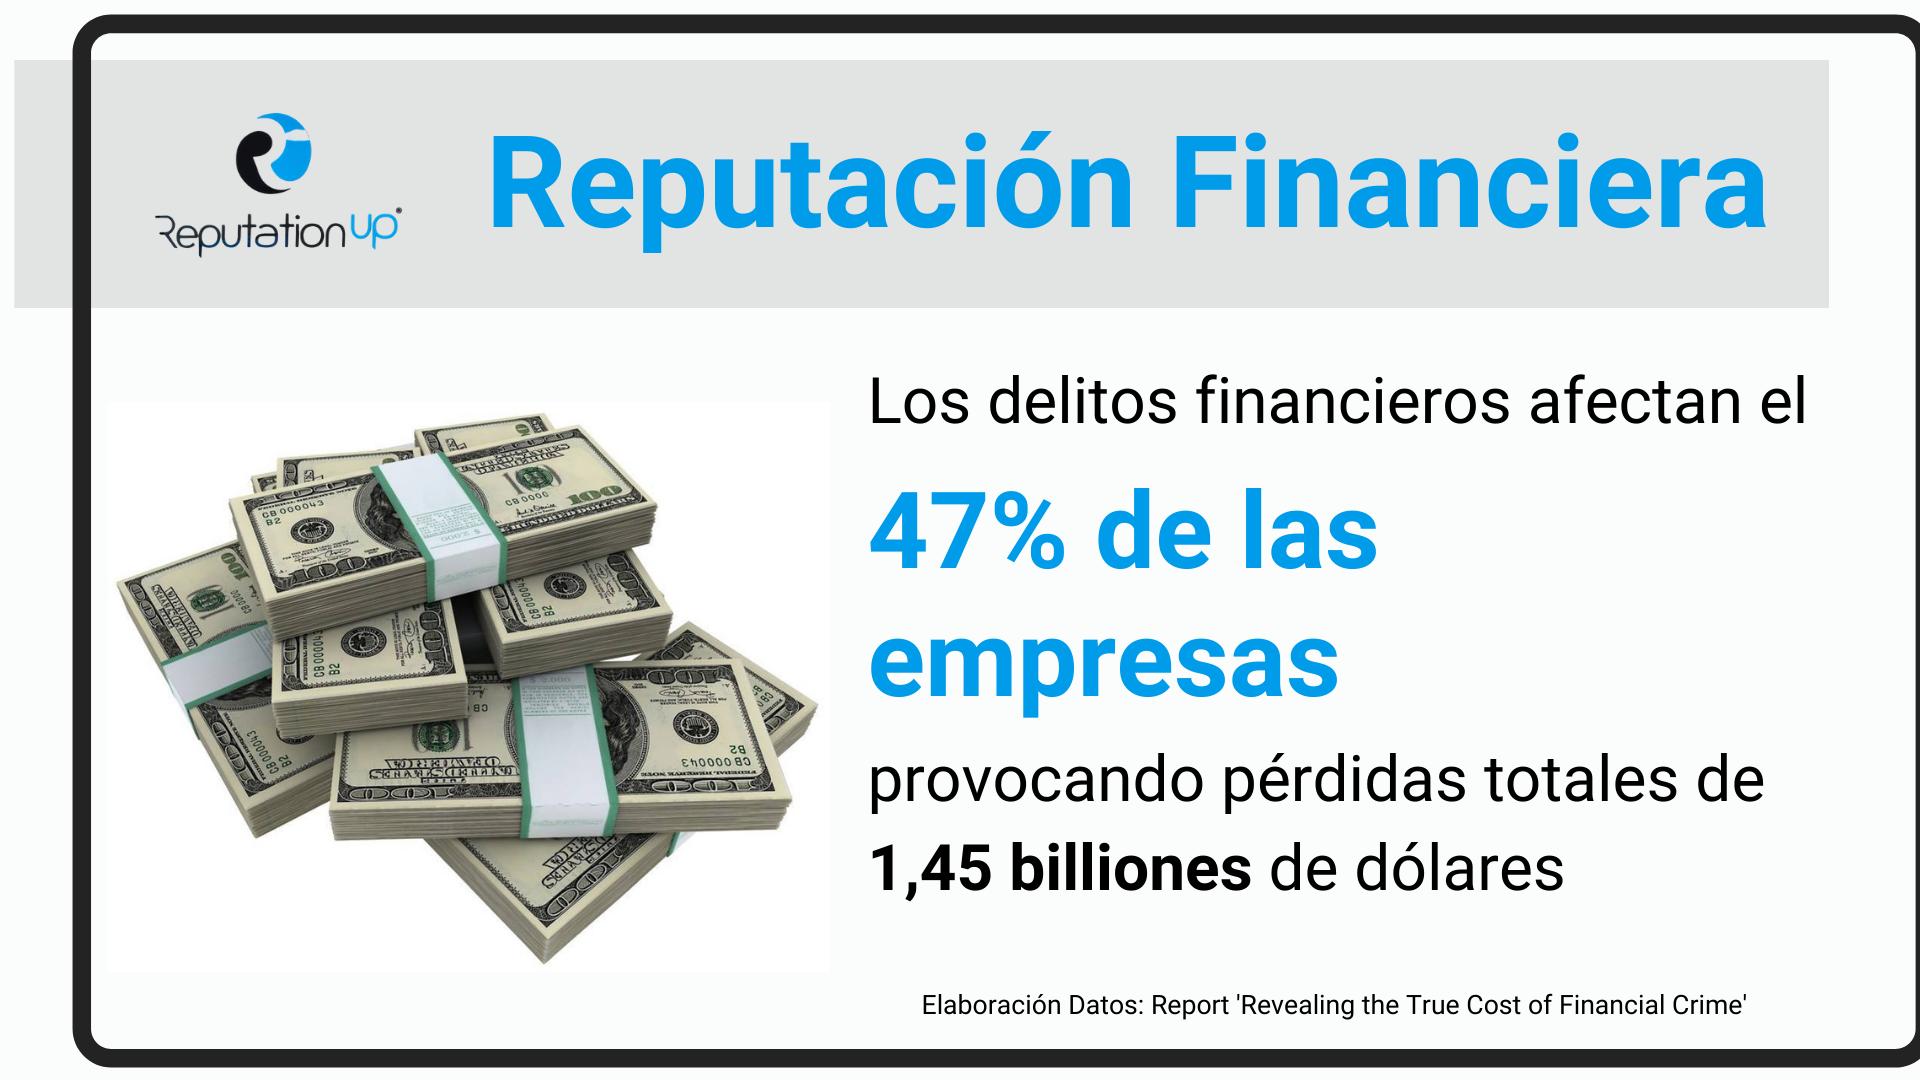 Foto de Reputación financiera. ReputationUP Protege Con Éxito La